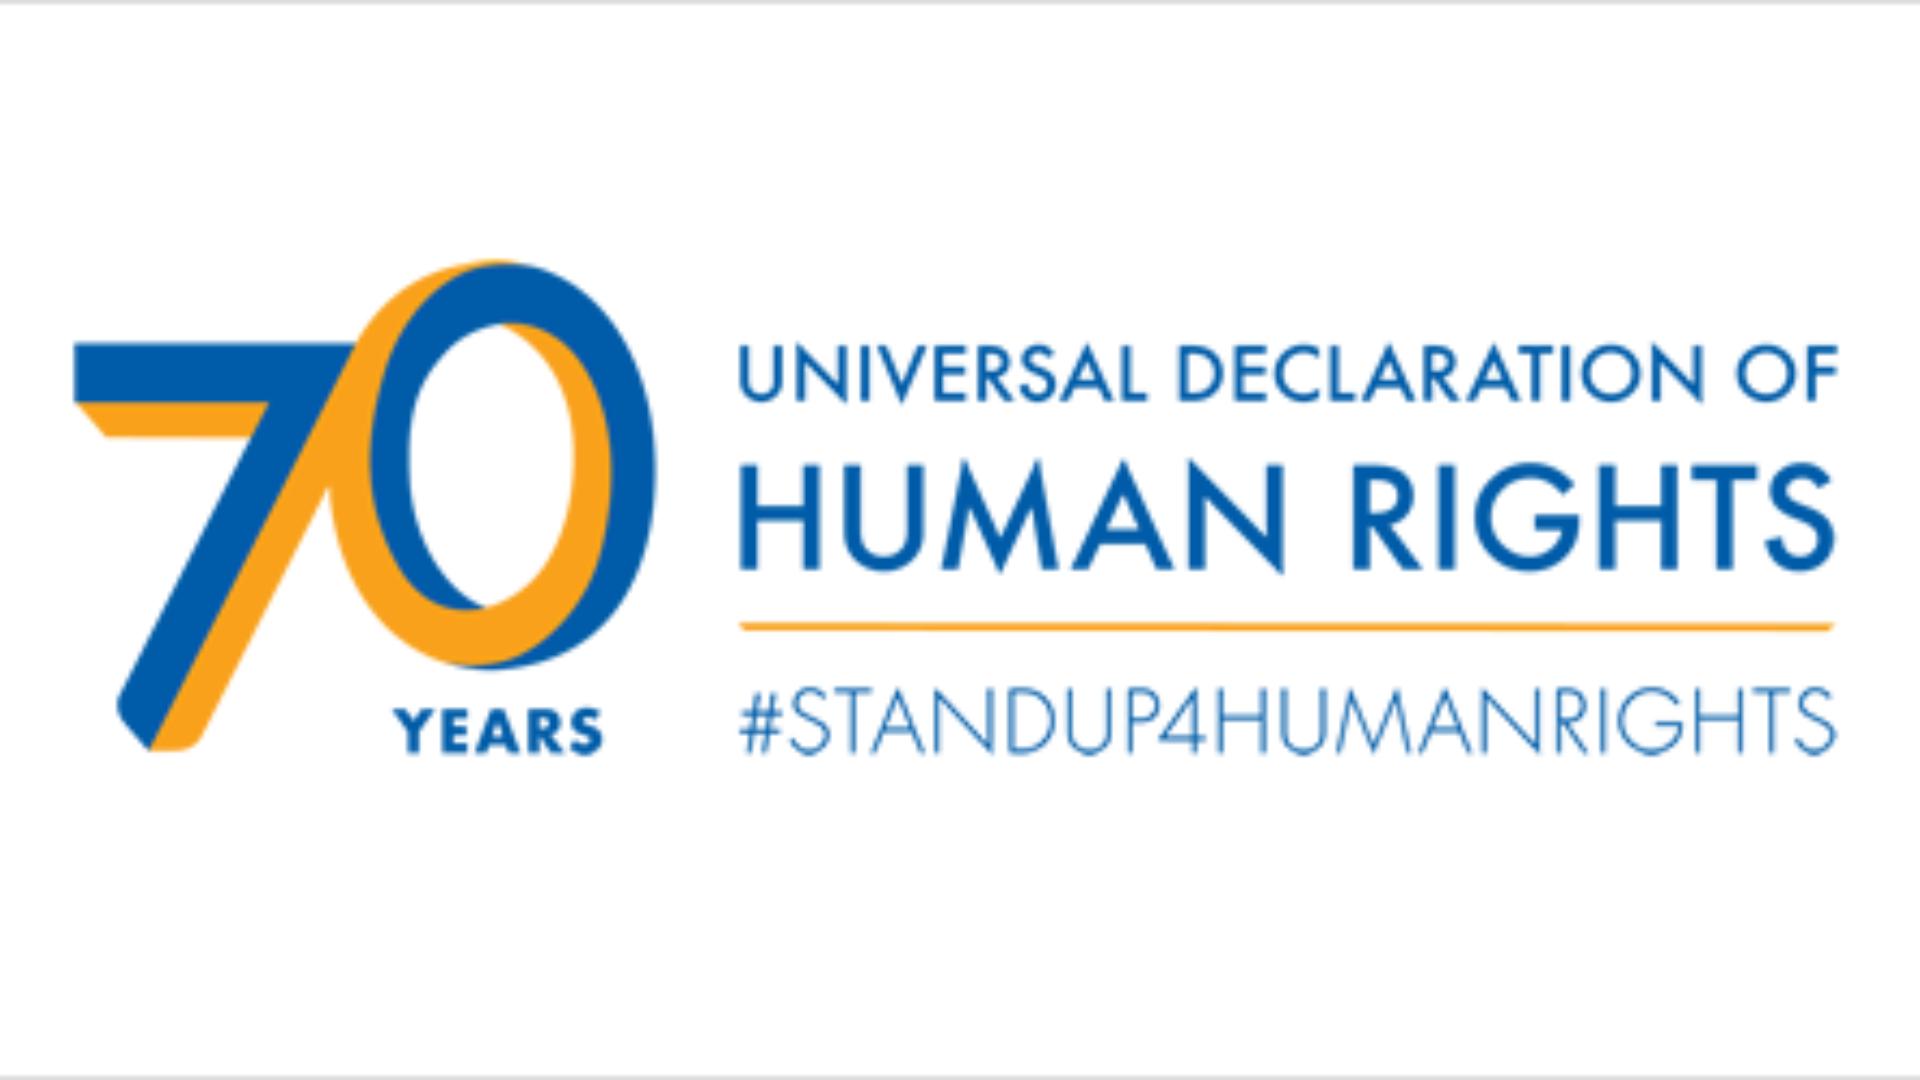 Liên Hiệp Quốc khởi động chiến dịch kỷ niệm 70 năm Ngày Quốc tế Nhân Quyền